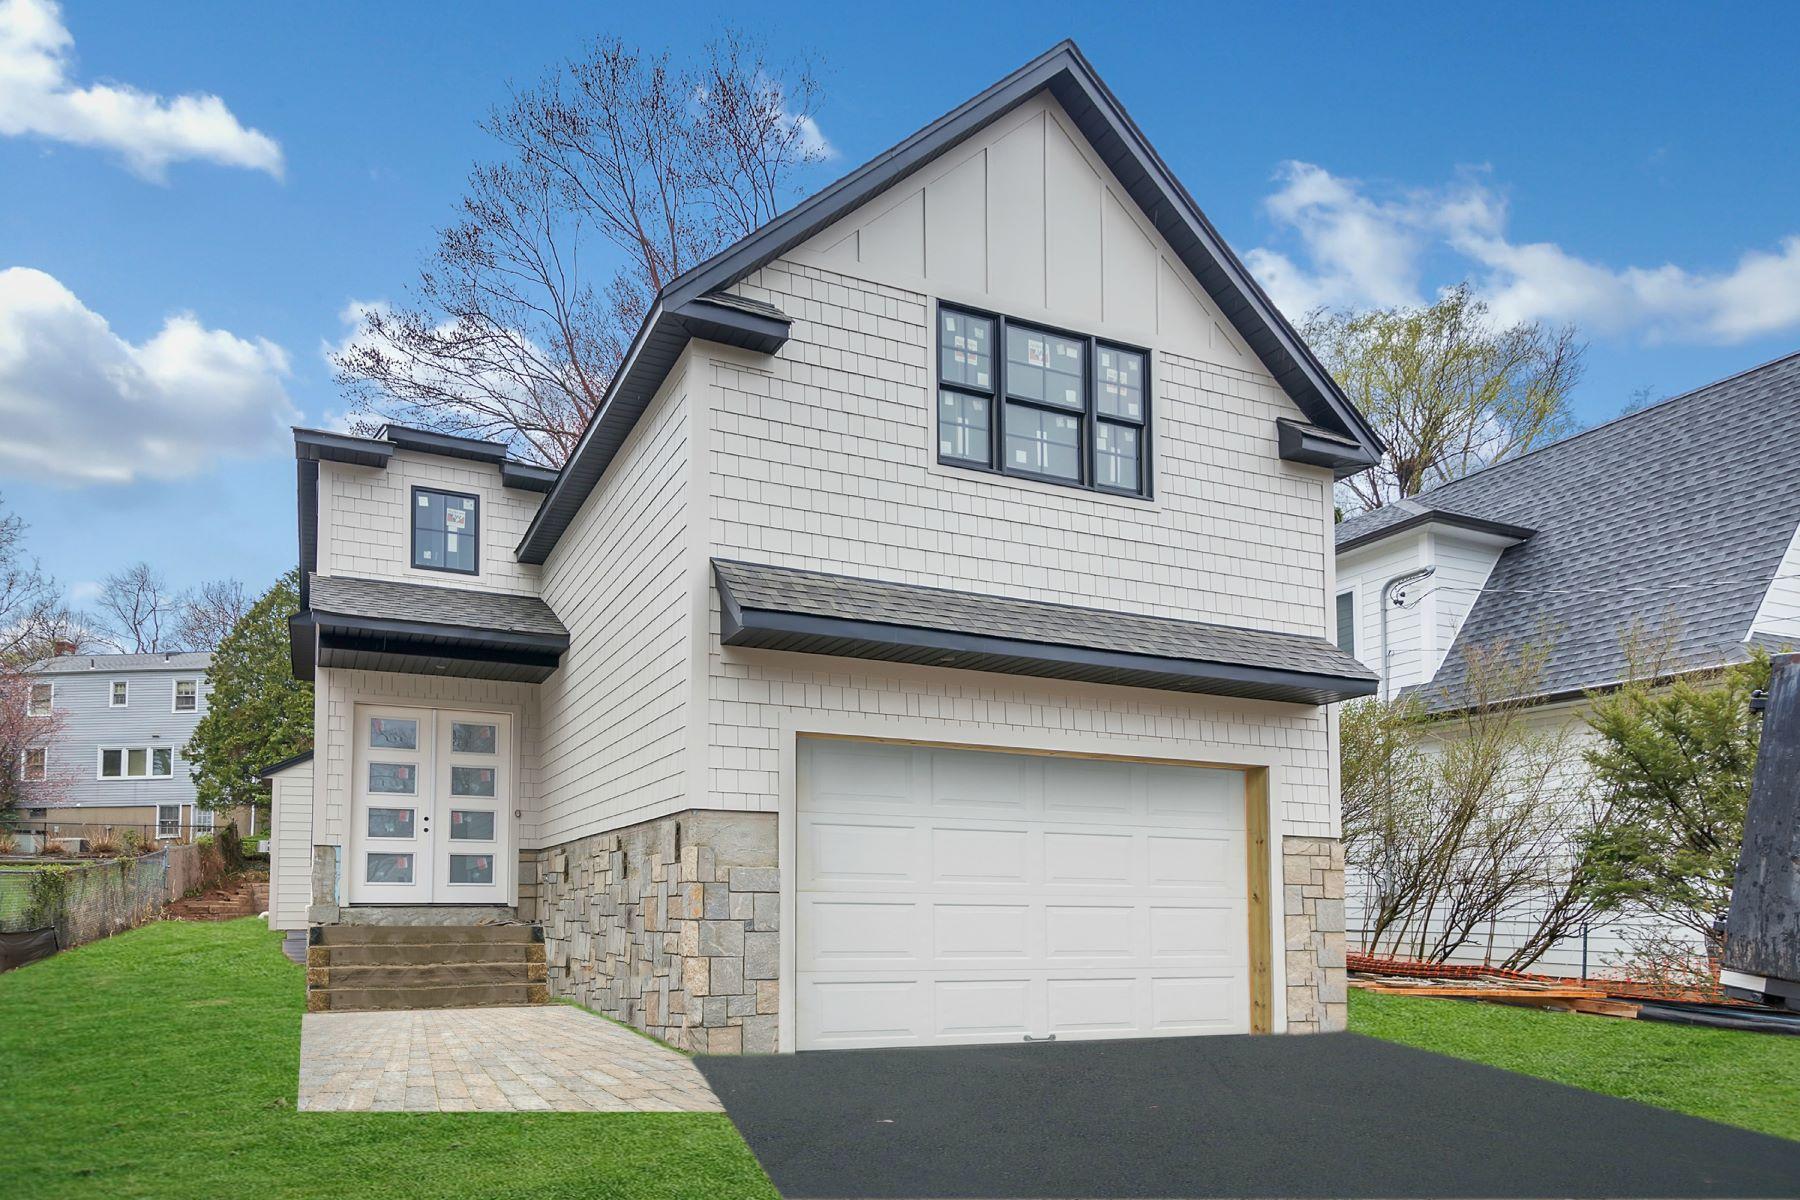 Частный односемейный дом для того Продажа на Stunning & Elegant New Construction! 13 Wight Place Tenafly, Нью-Джерси 07670 Соединенные Штаты